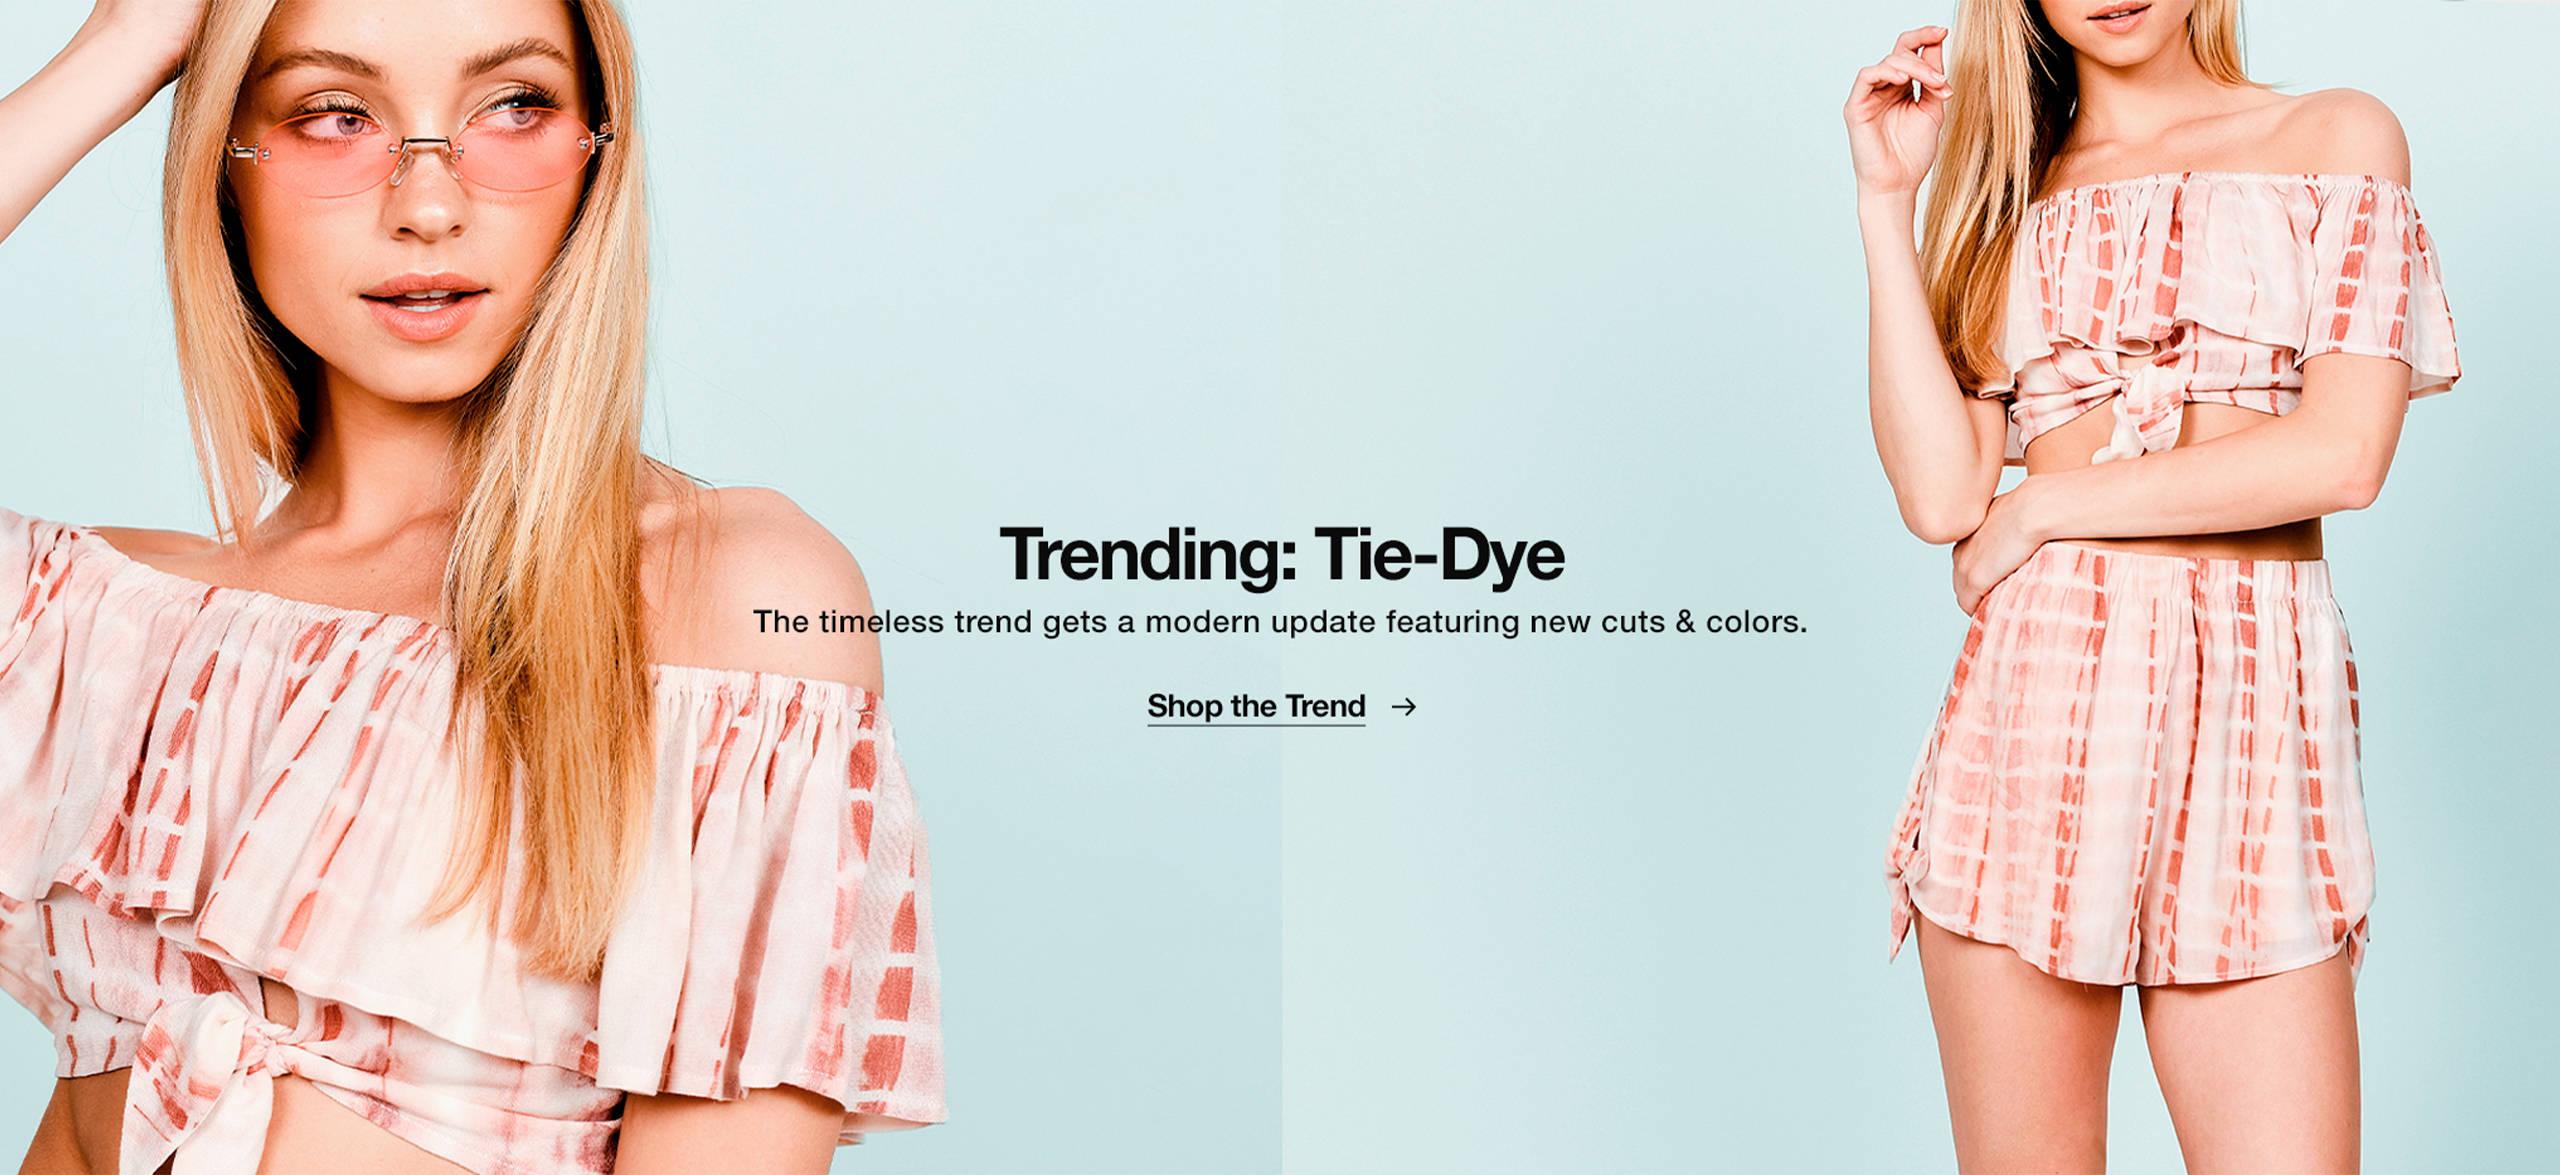 Trend: Tie-Dye